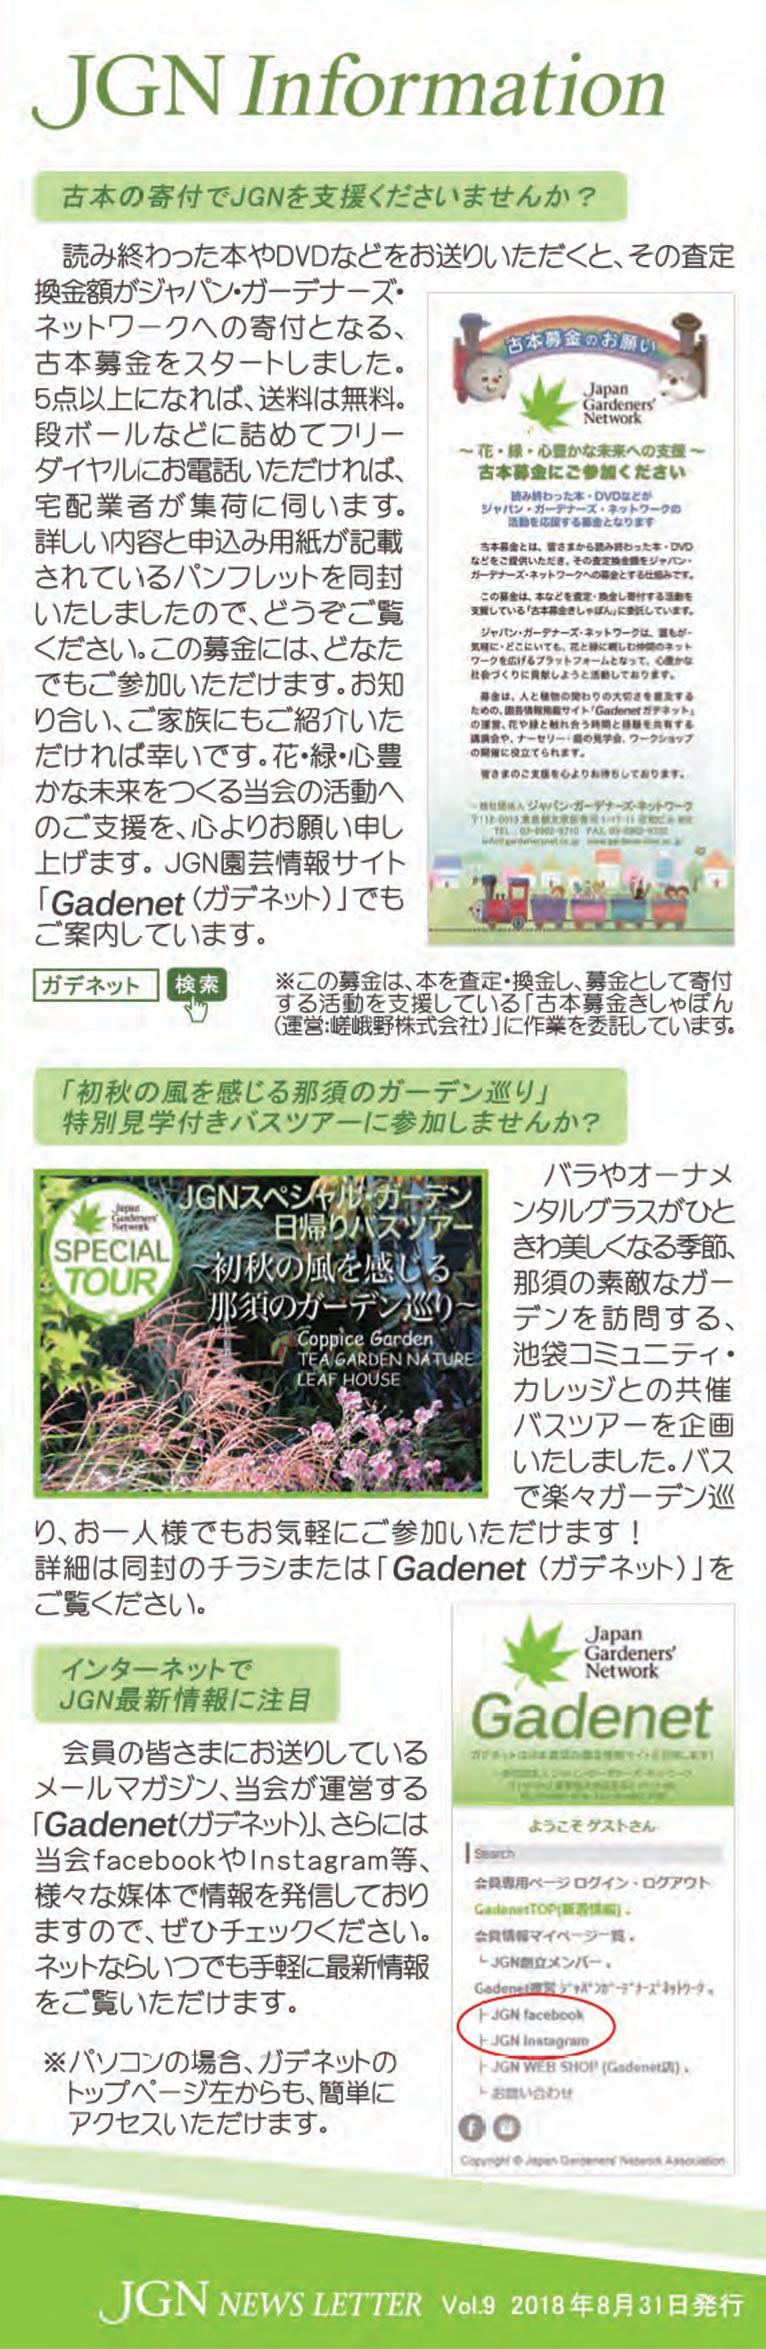 JGN NEWS LETTER 2018年初秋号 Vol.9(その4) JGNインフォメーション